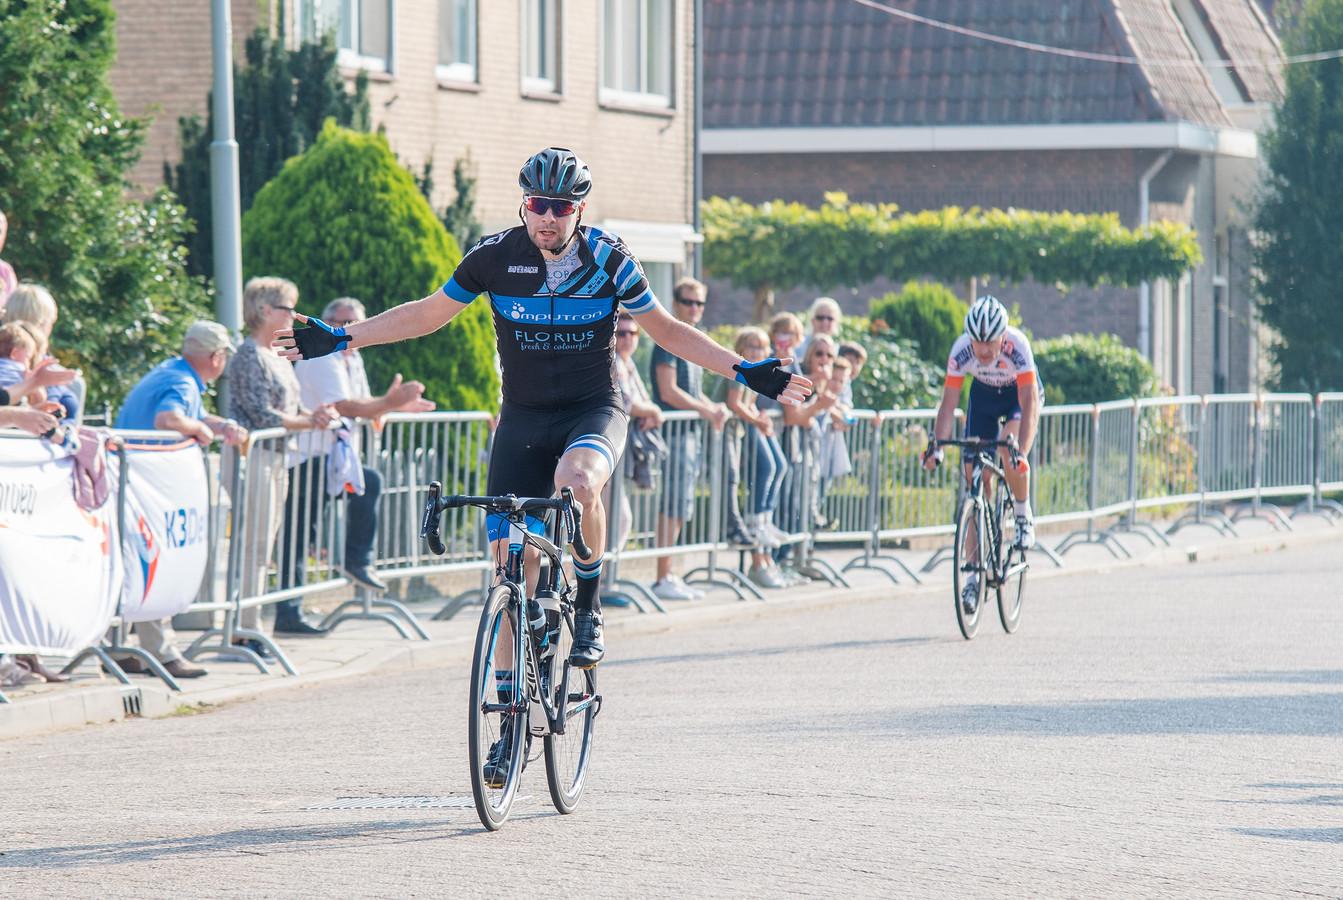 Koen Wulterkens wint de Ronde van Oosterhout in 2017: is hij de laatste winnaar?